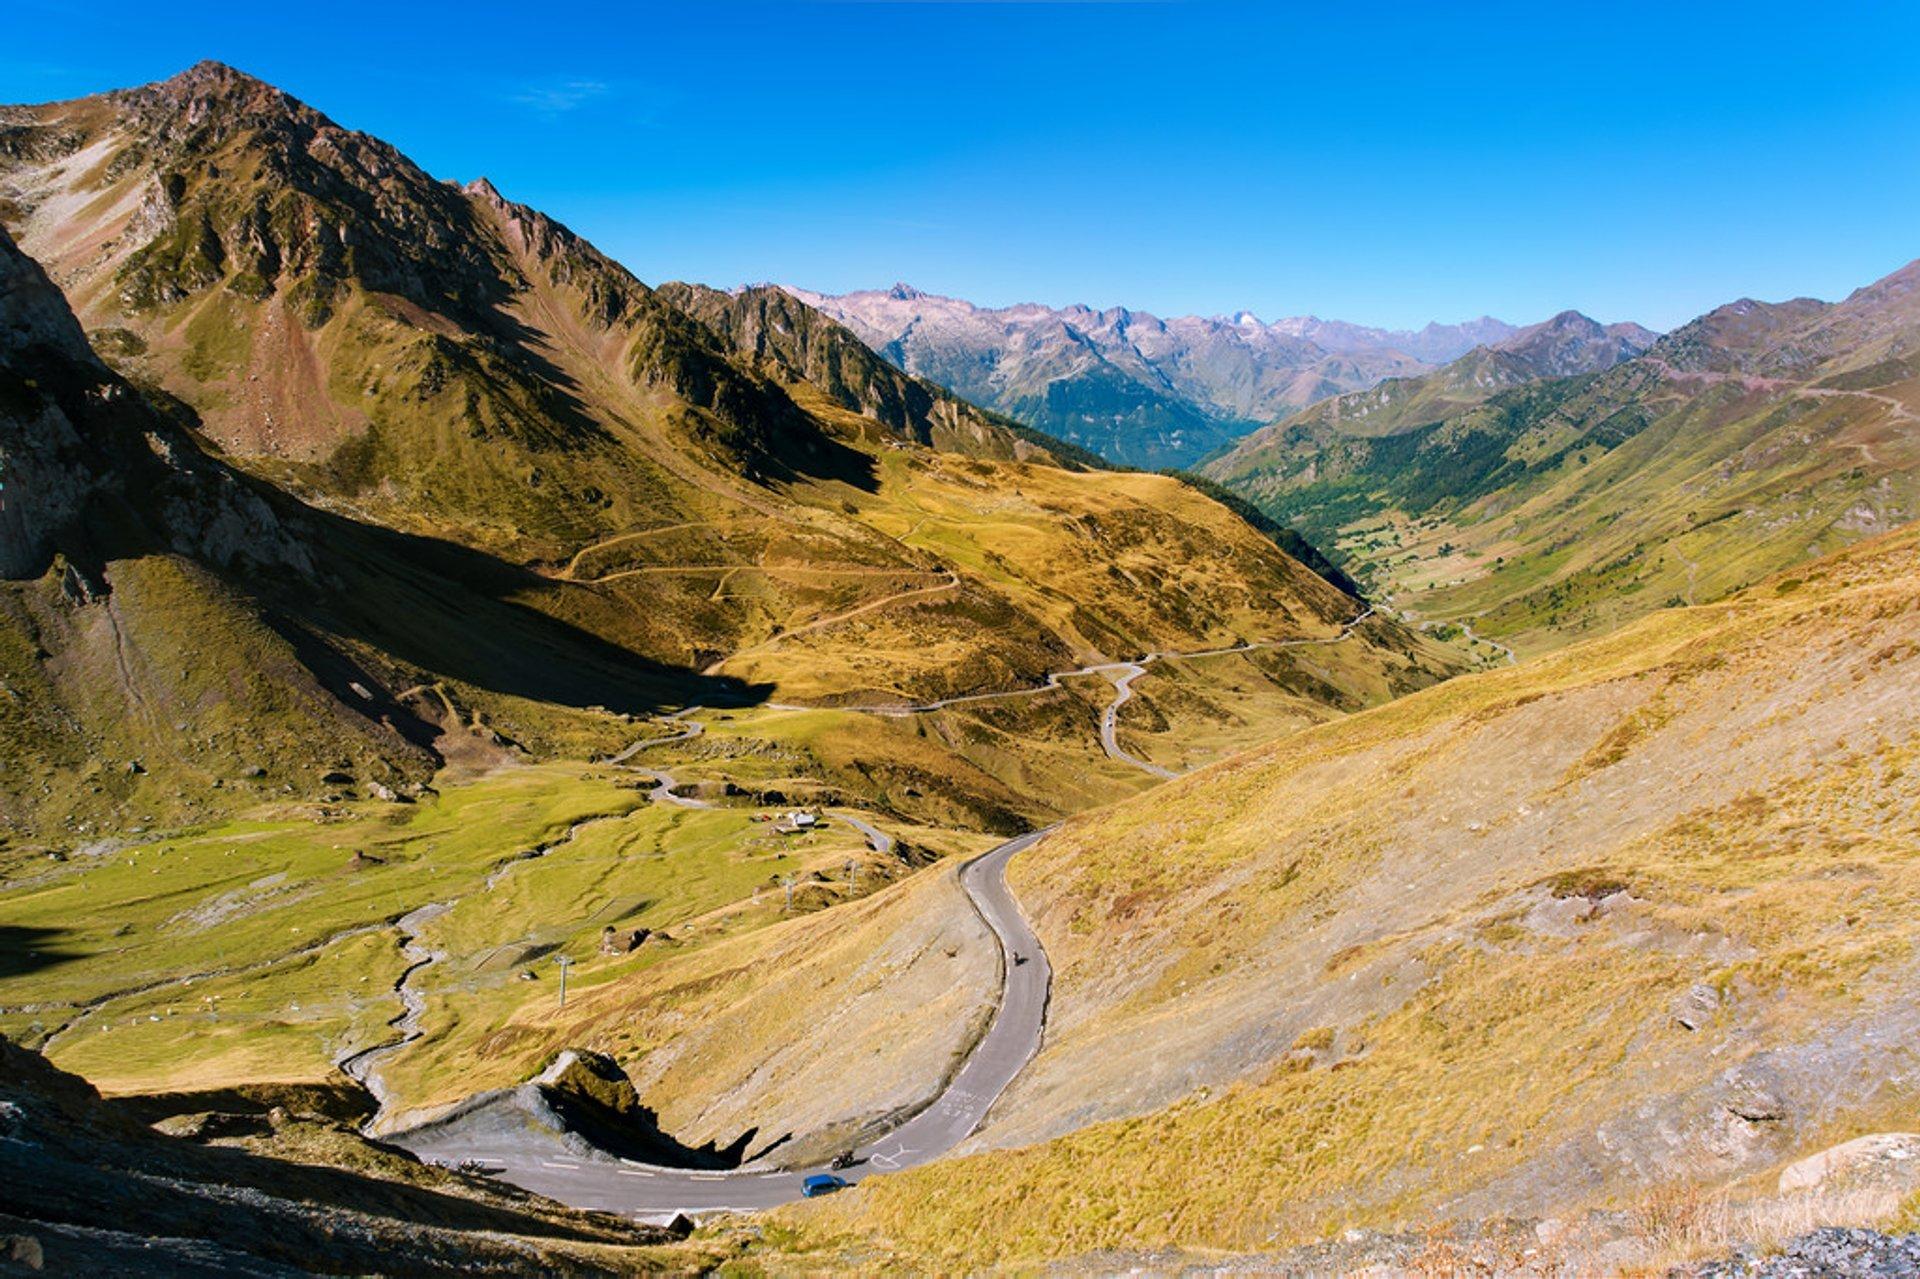 Col du Tourmalet in France 2020 - Best Time